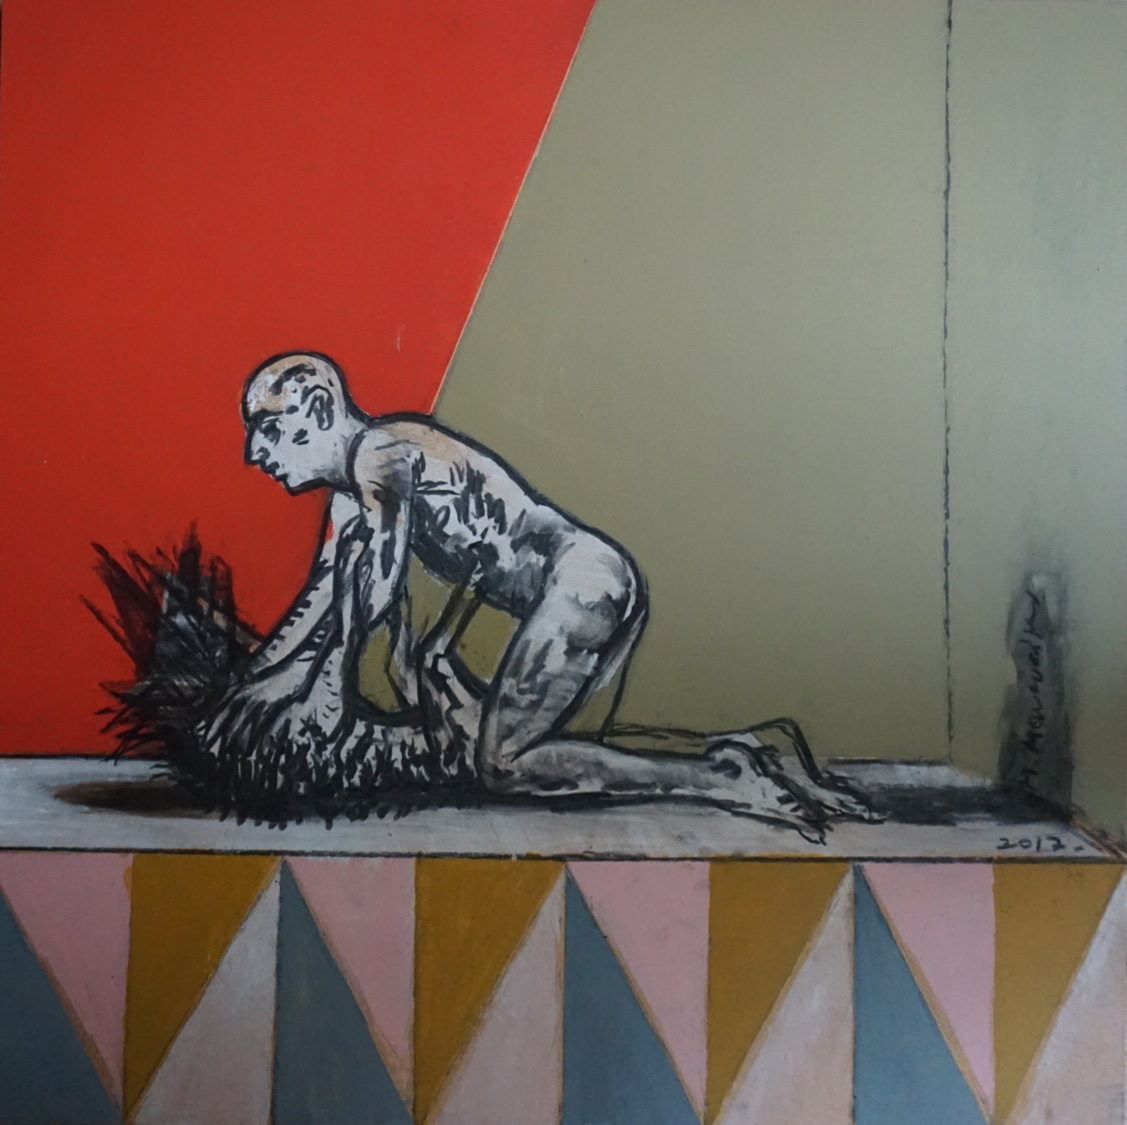 Μichalis Manousakis, Erotic fight with spikes, Acrylics and charcoal on wood, 40x40 cm, 2017, Courtesy of Ekfrasi-Yianna Grammatopoulou Gallery